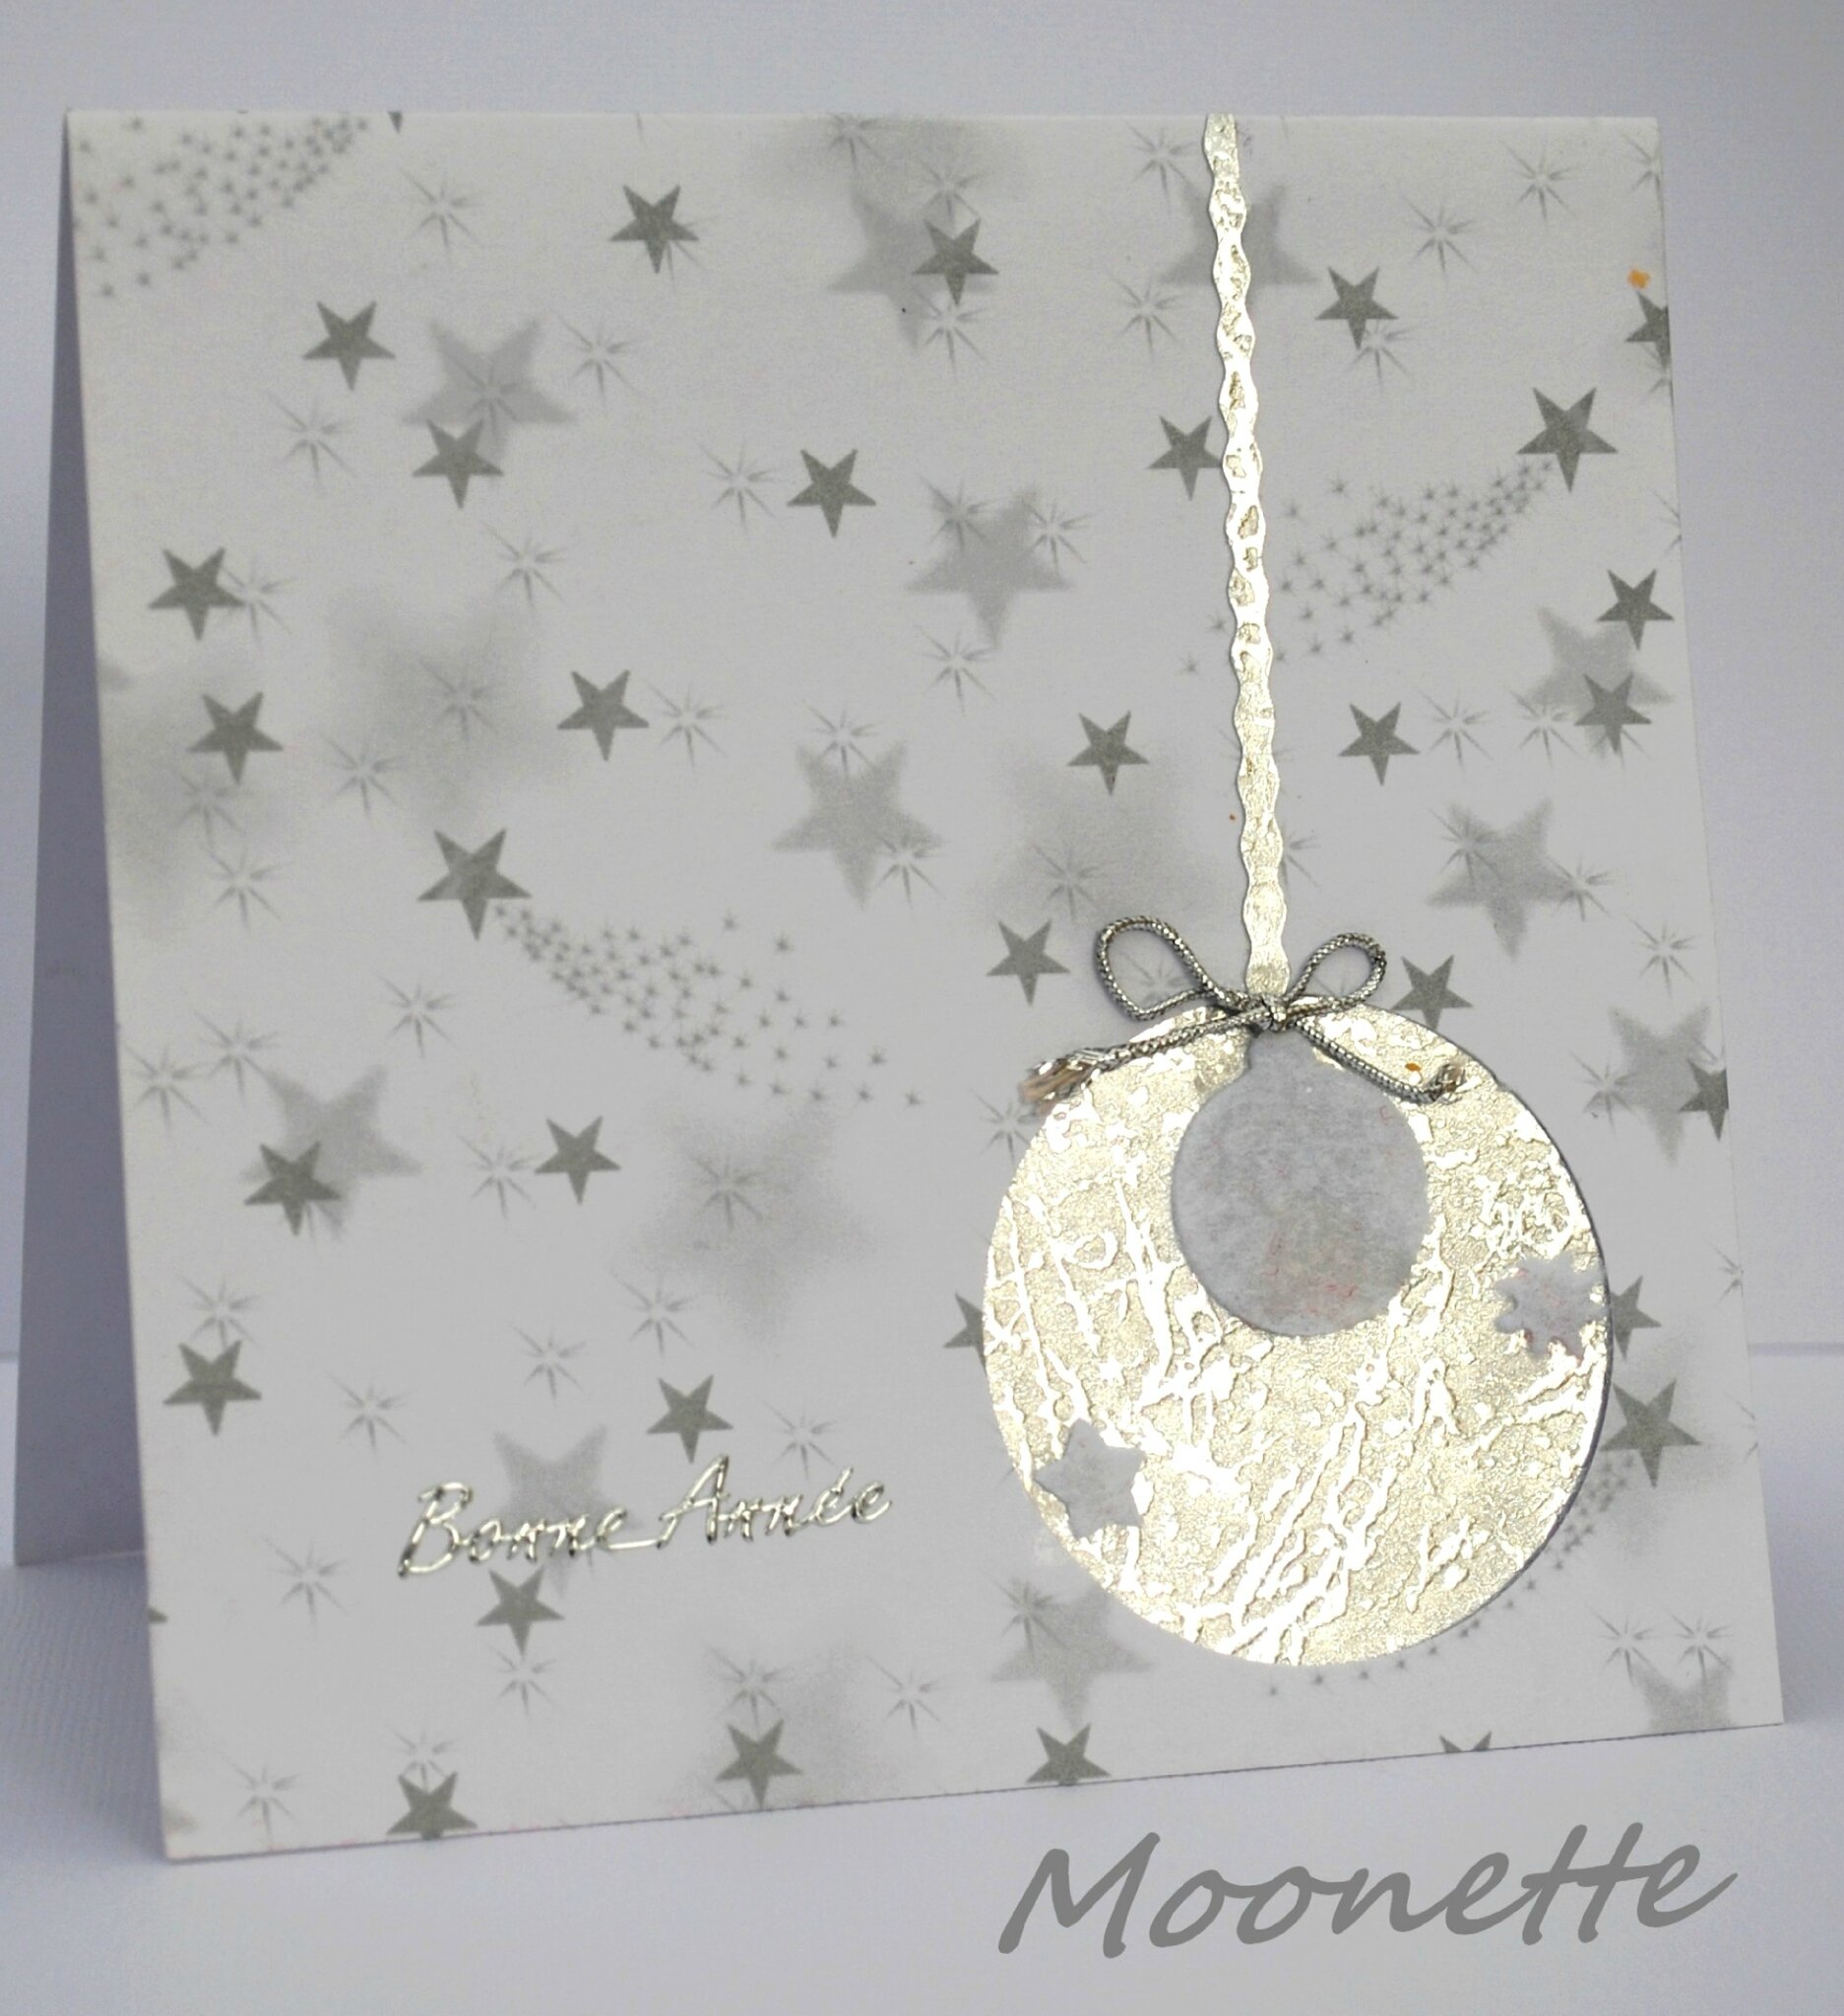 Moonette